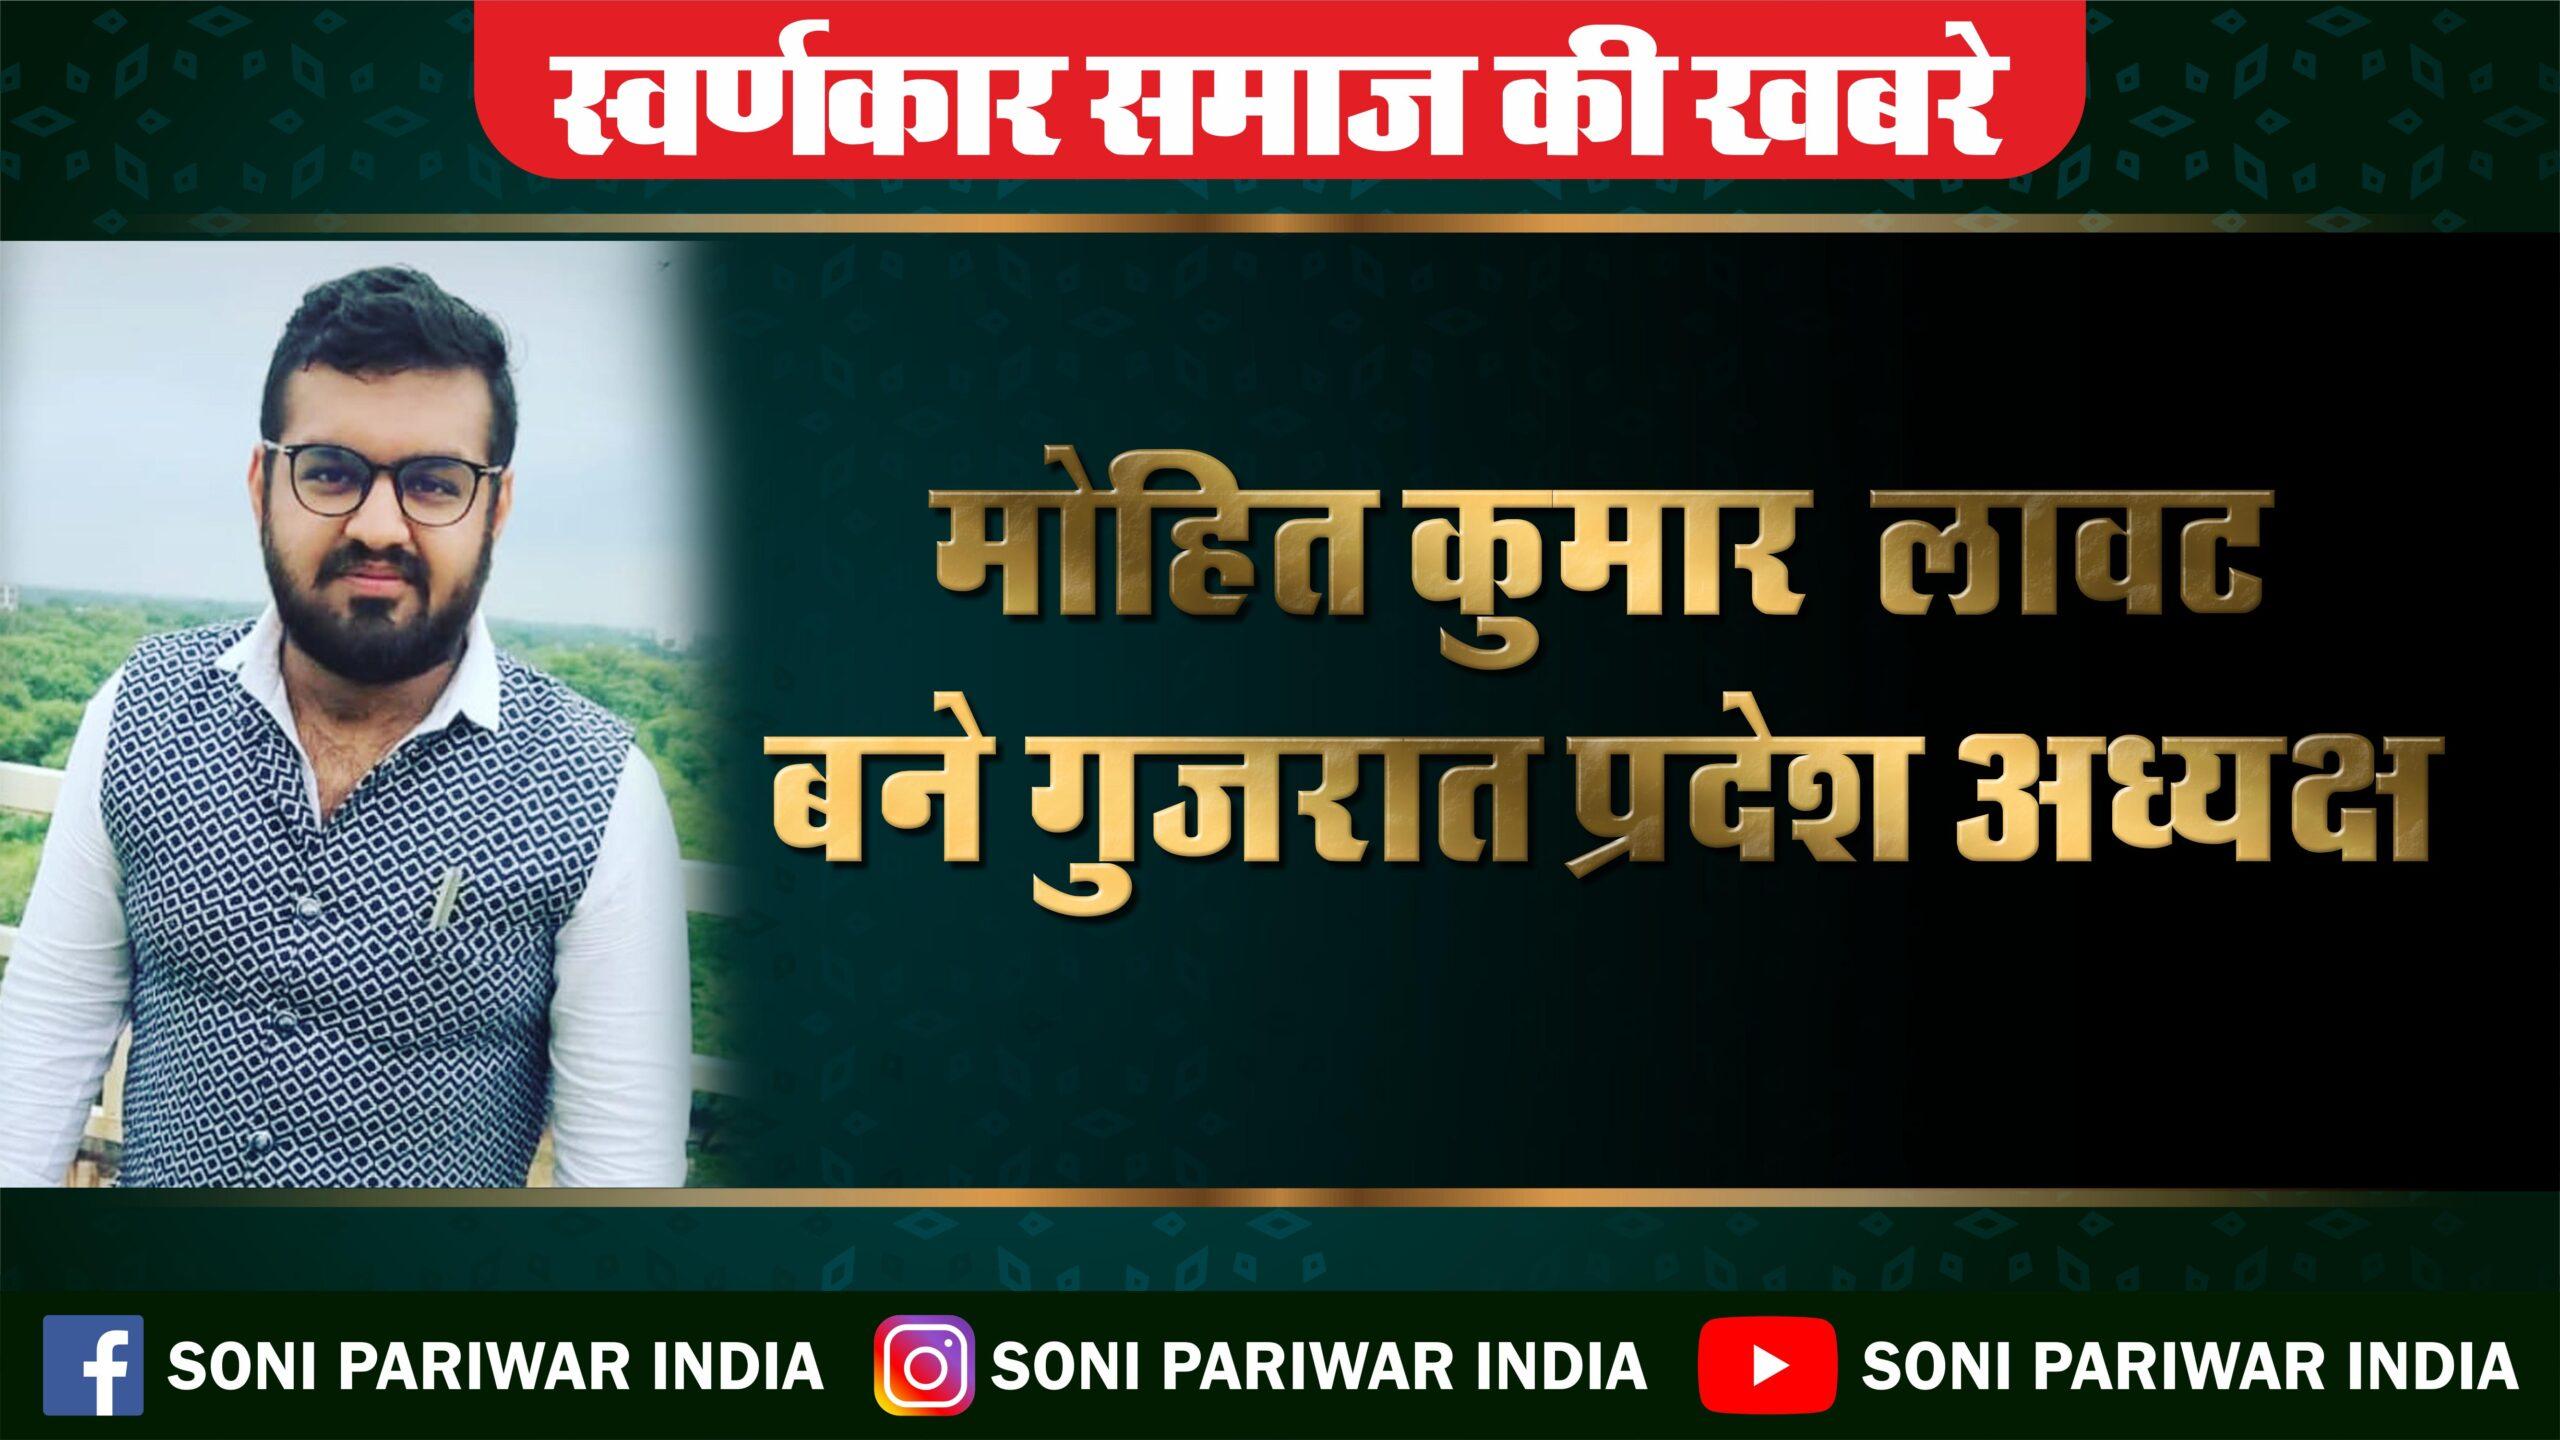 मोहित कुमार लावट बने गुजरात प्रदेश अध्यक्ष